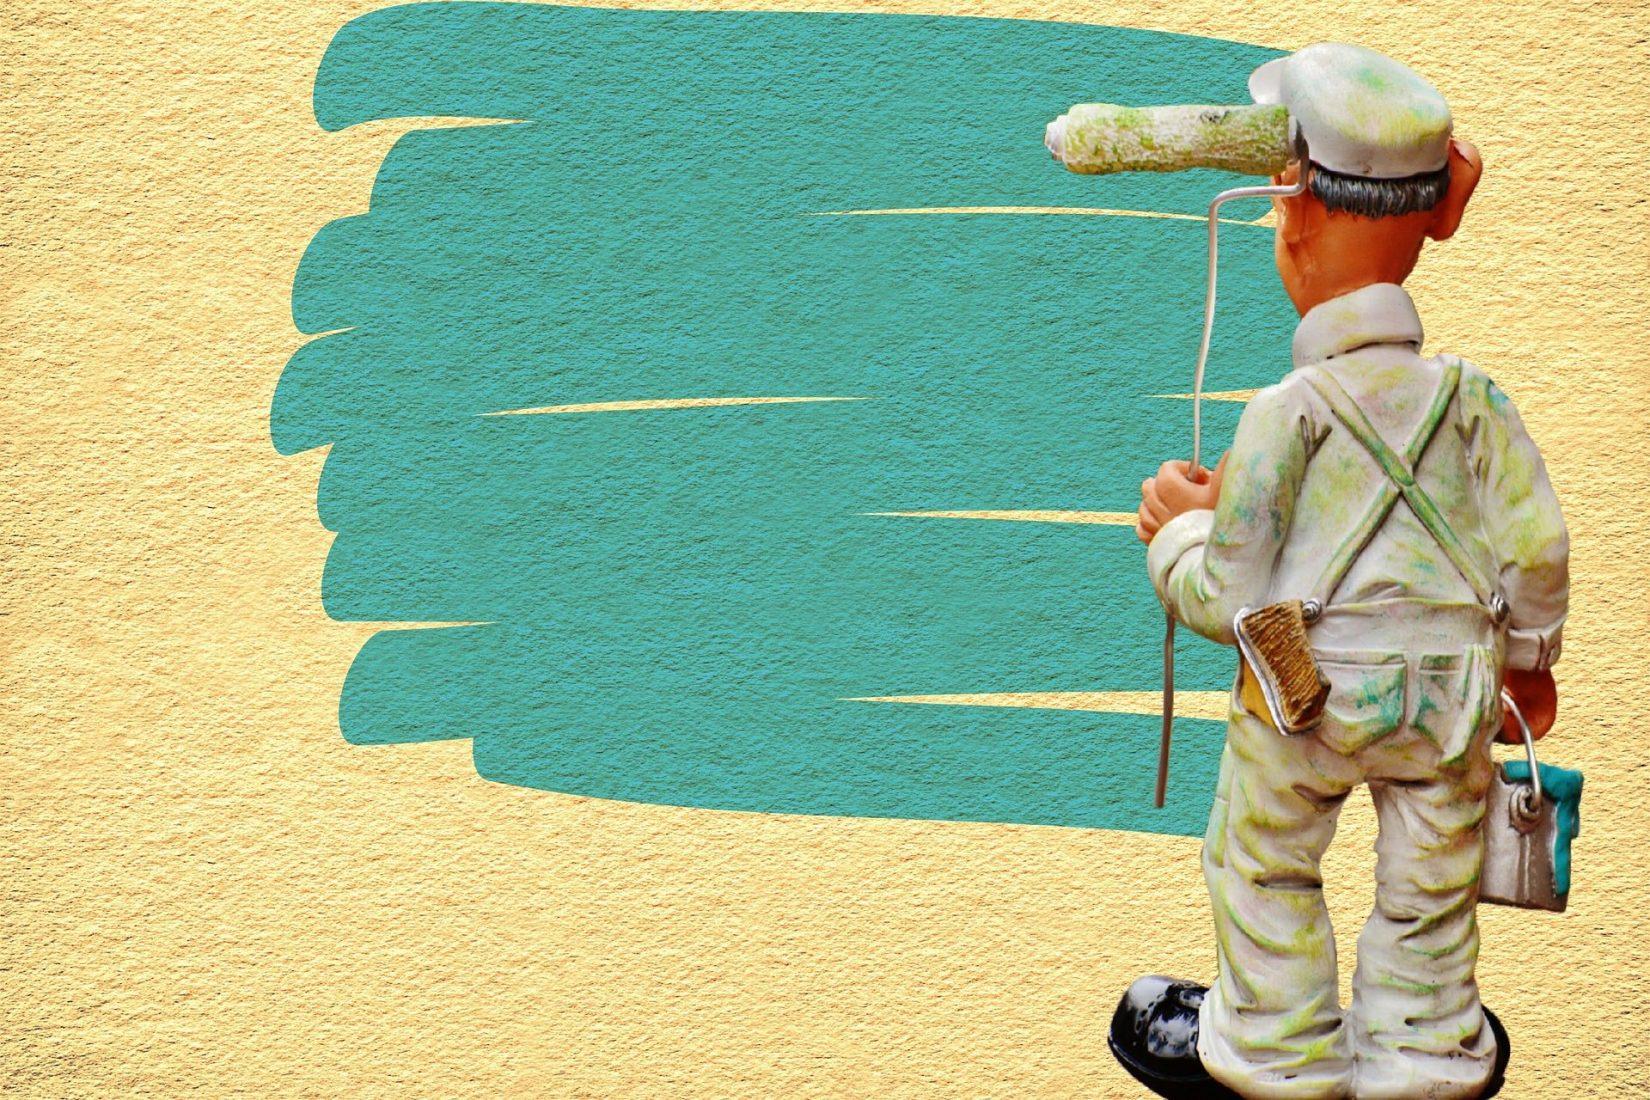 Wände streichen zählt zu den Renovierungsarbeiten. Foto: Pixabay